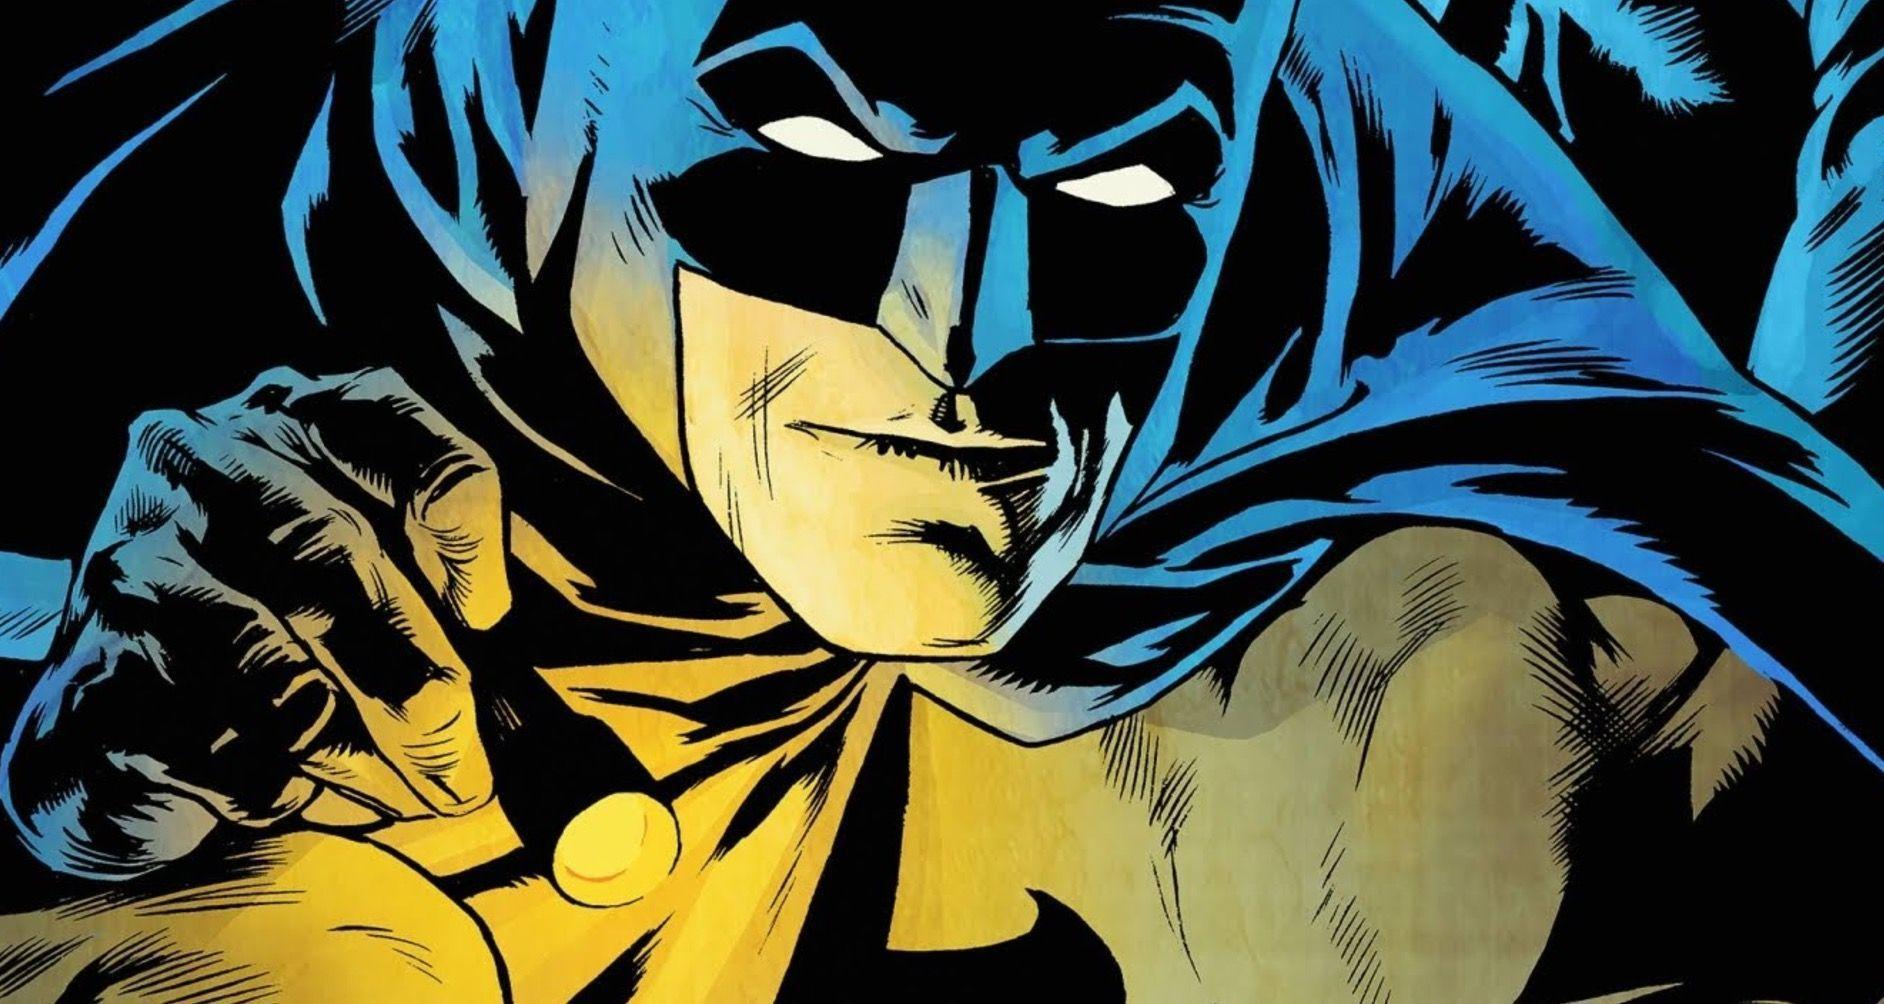 ¿El Batman de Matt Reeves y el Joker de Joaquin Phoenix comparten universo?